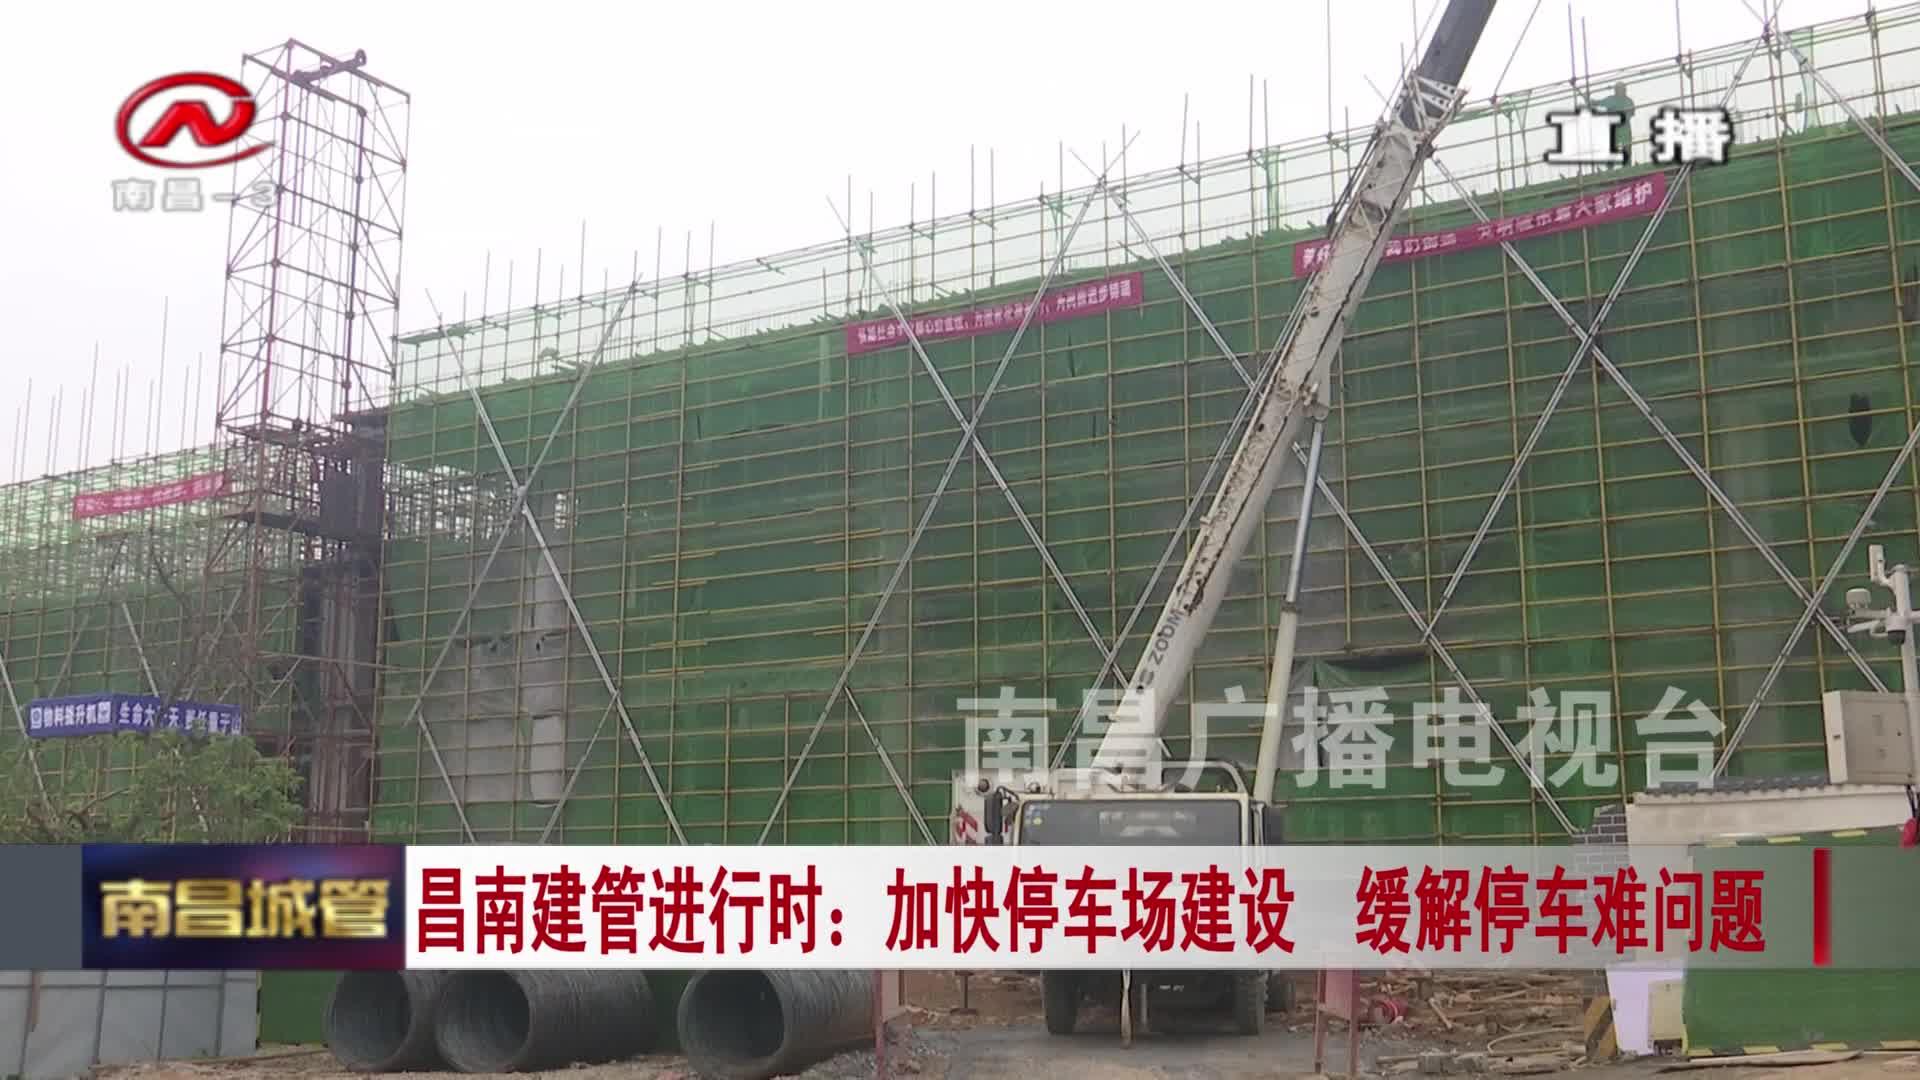 【城管新闻】昌南建管进行时:加快停车场建设  缓解停车难问题